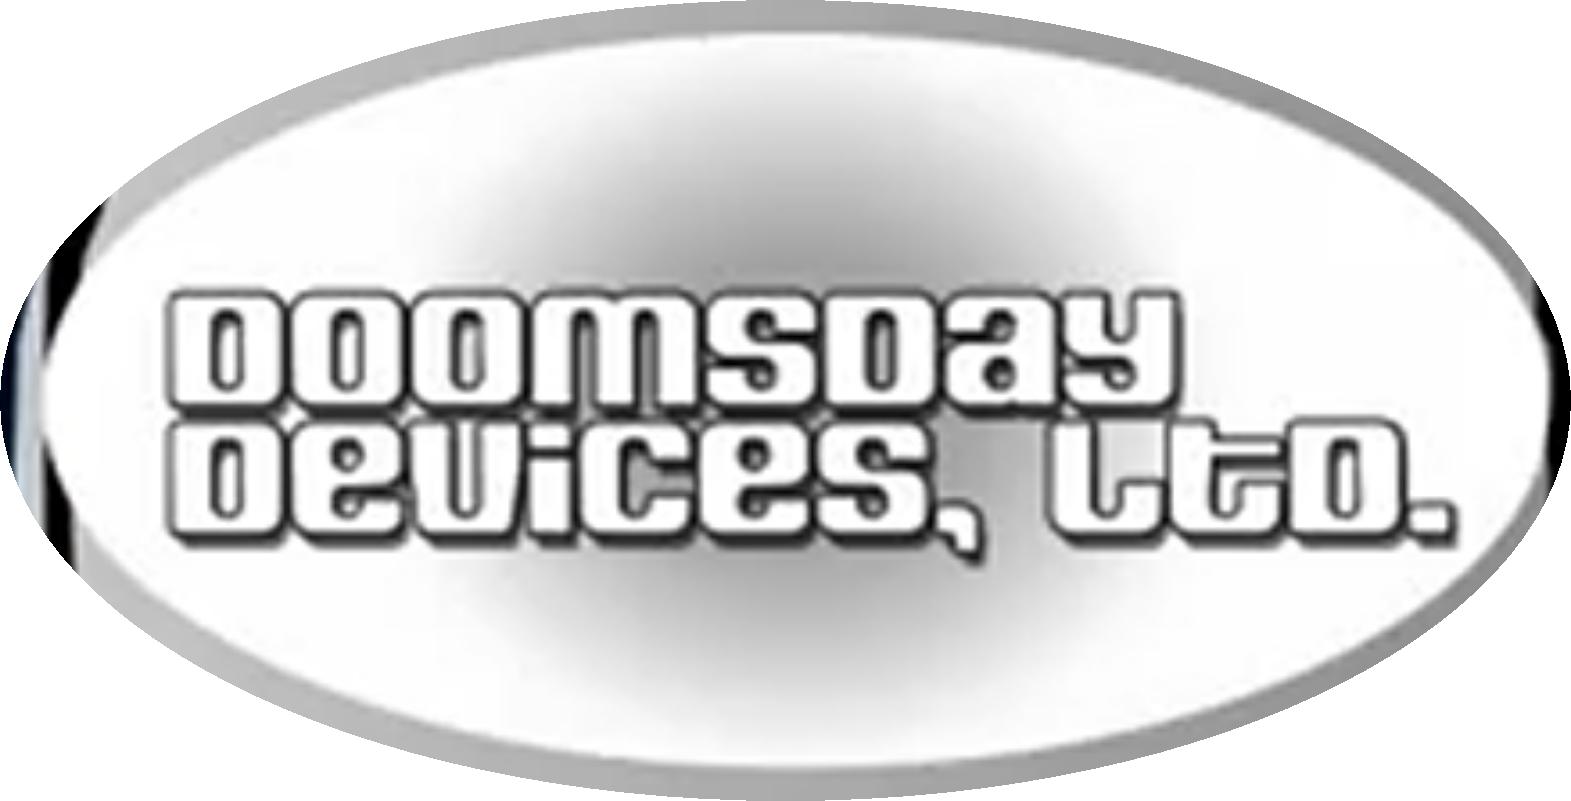 Doomsday Devices, Ltd.